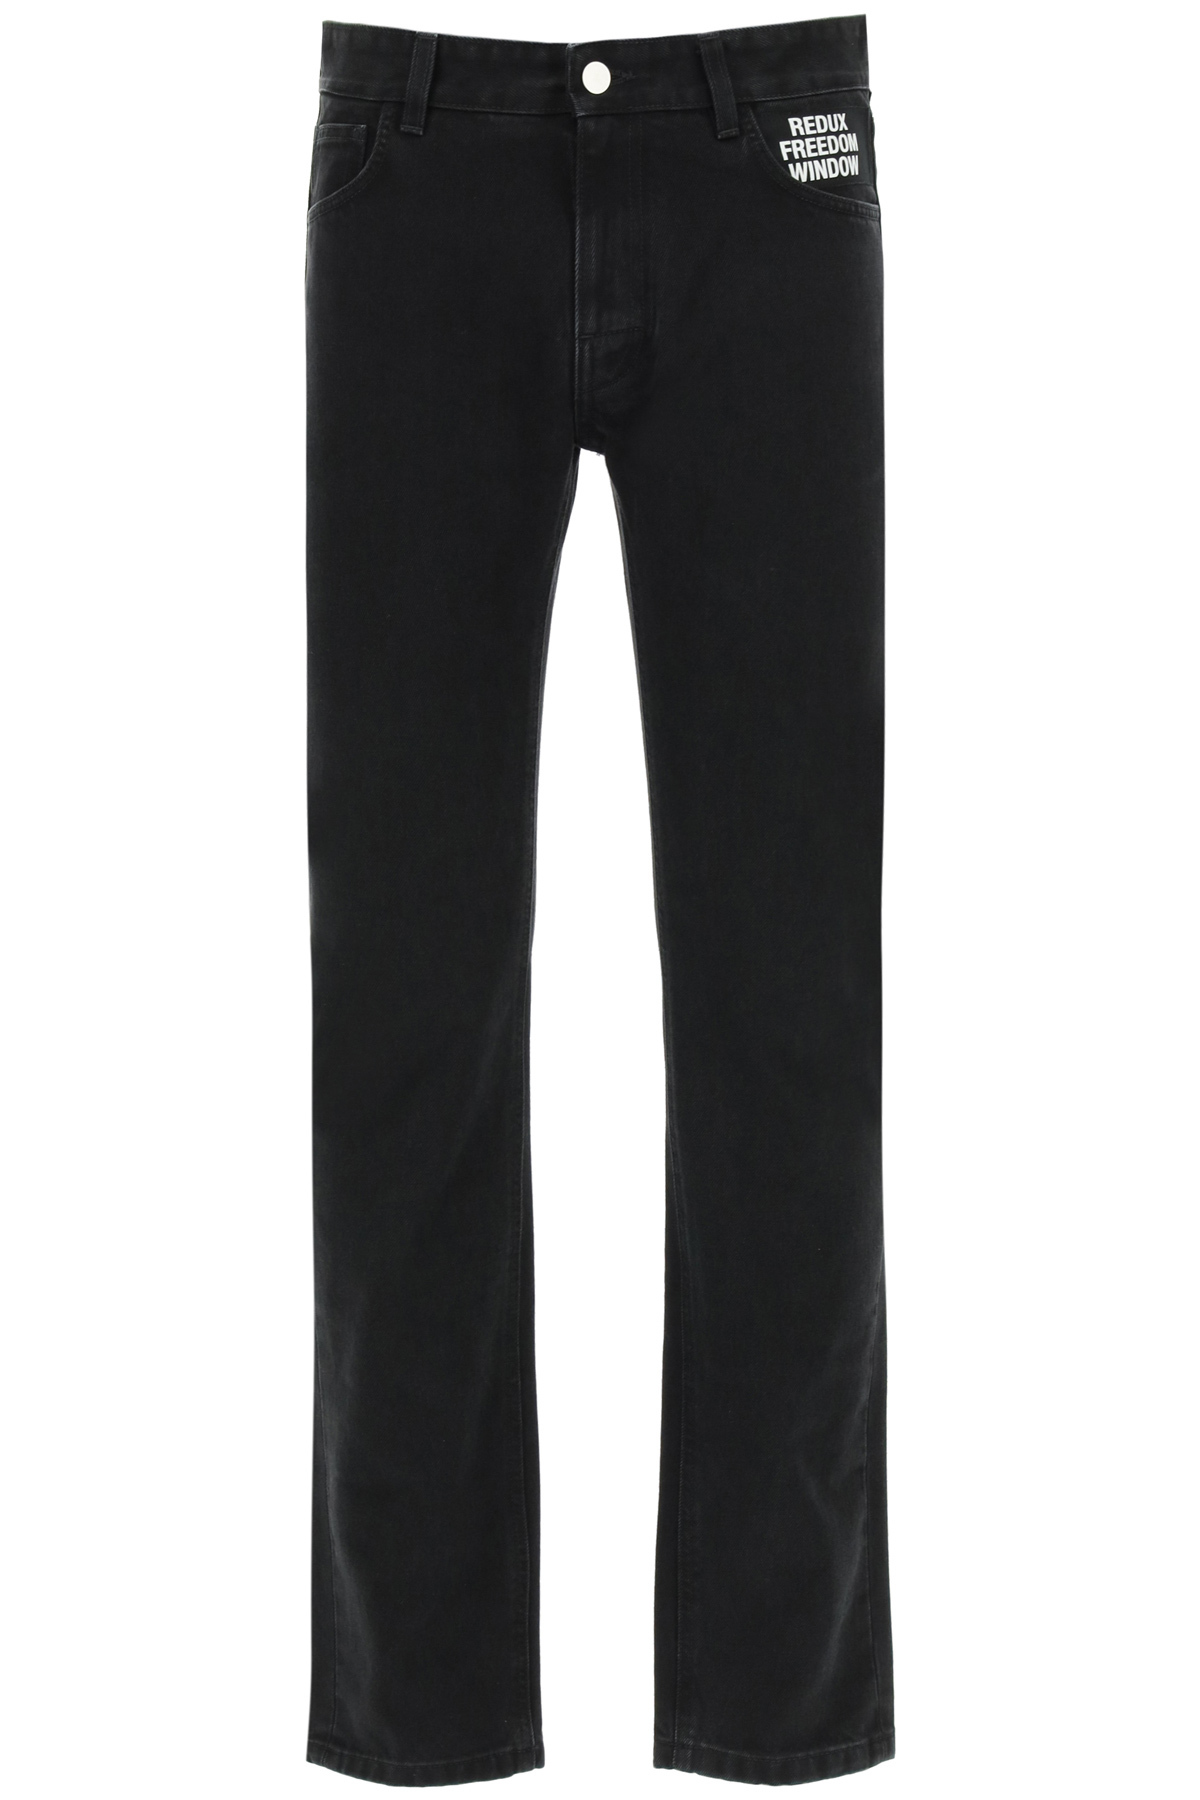 Raf simons jeans redux freedom window